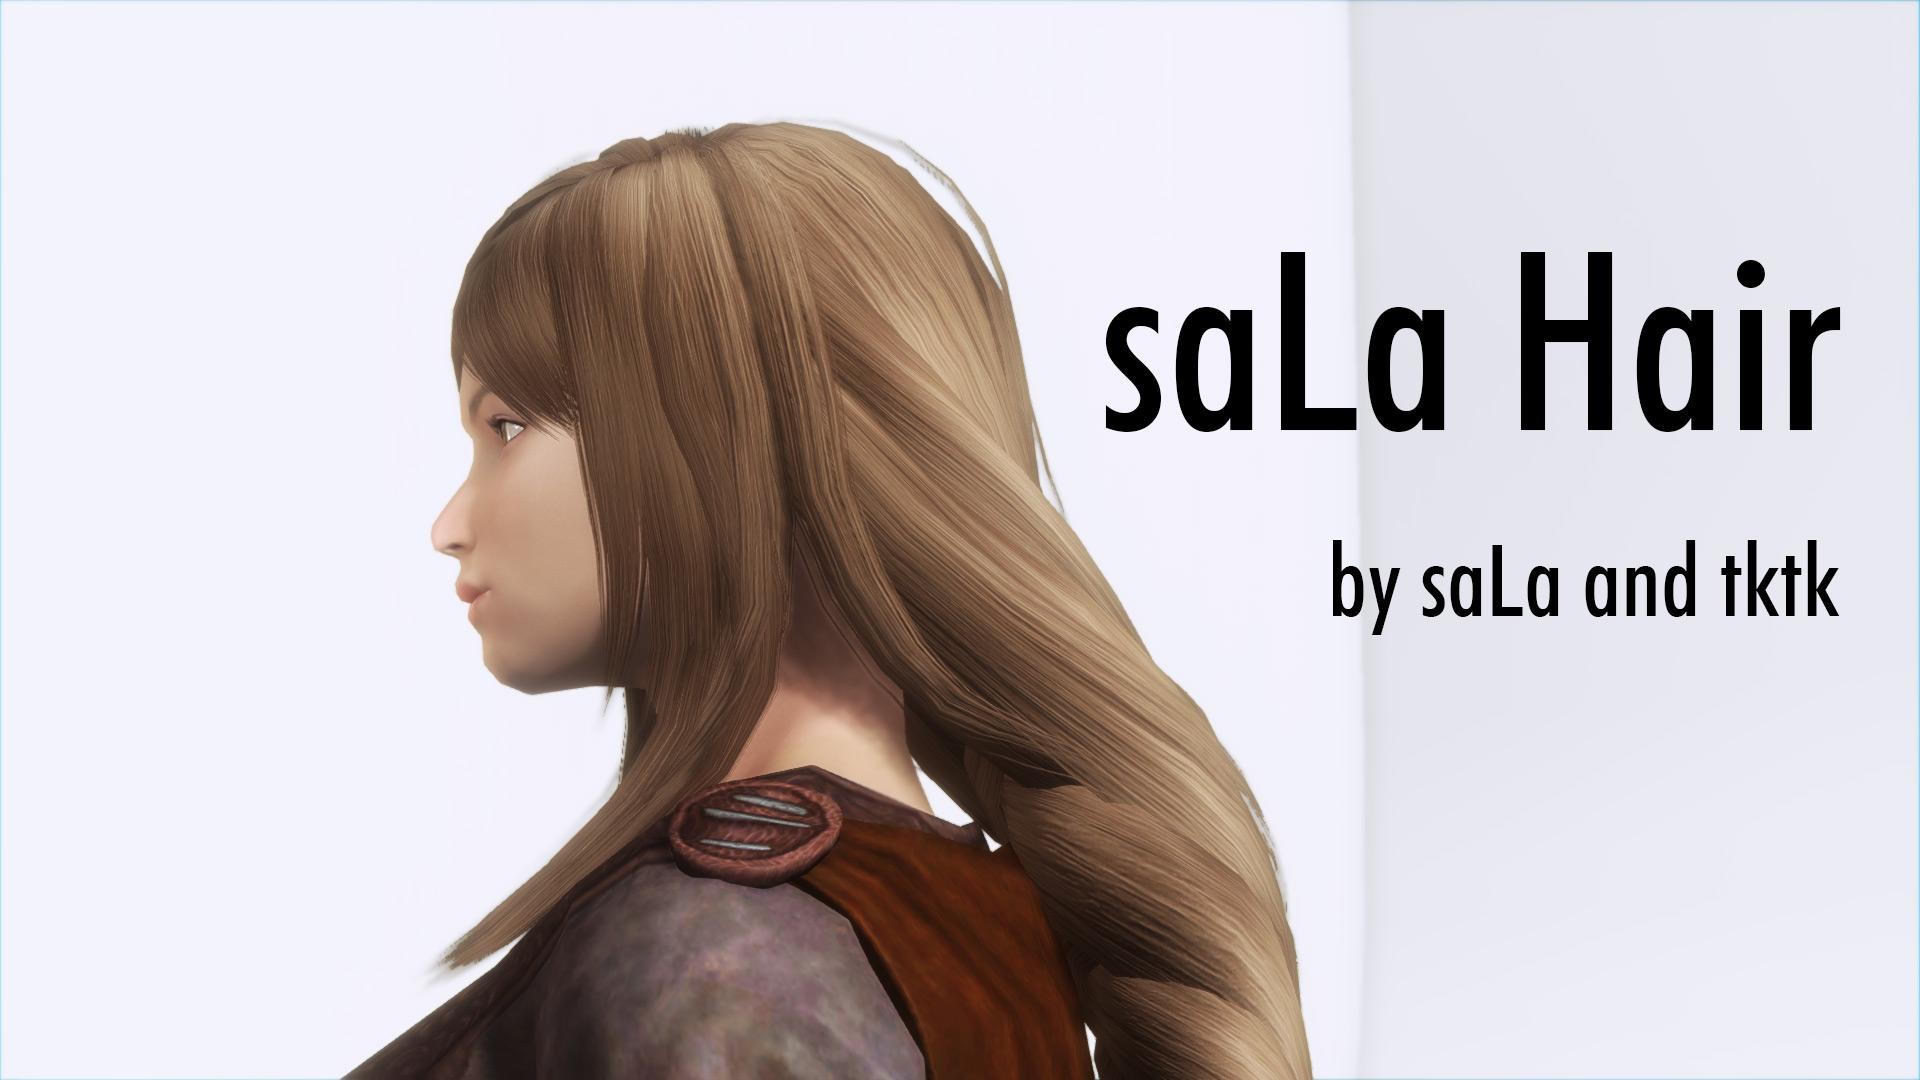 saLa Hair